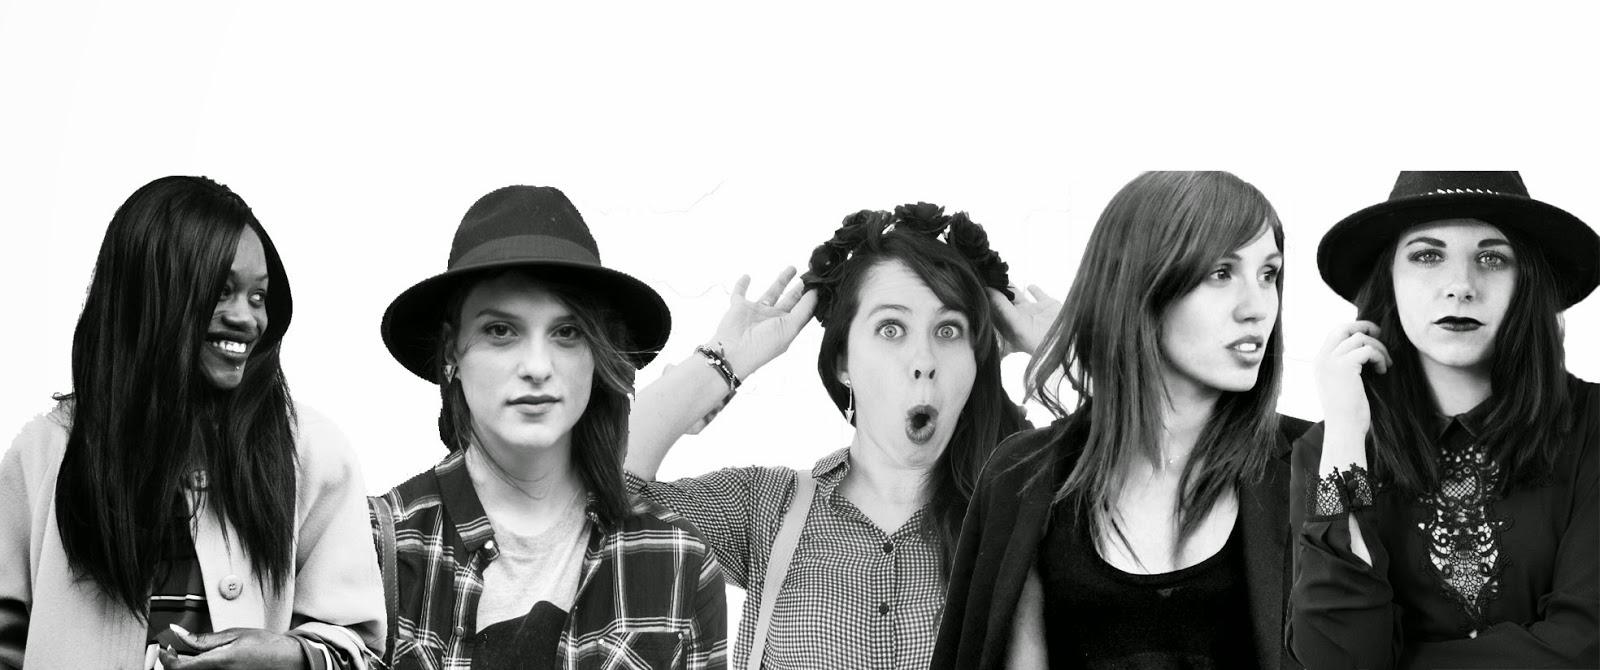 Cquoilamode,Dev'Heel Boudoir,Elodie Blog mode,So girly Blog,Manon Anyway